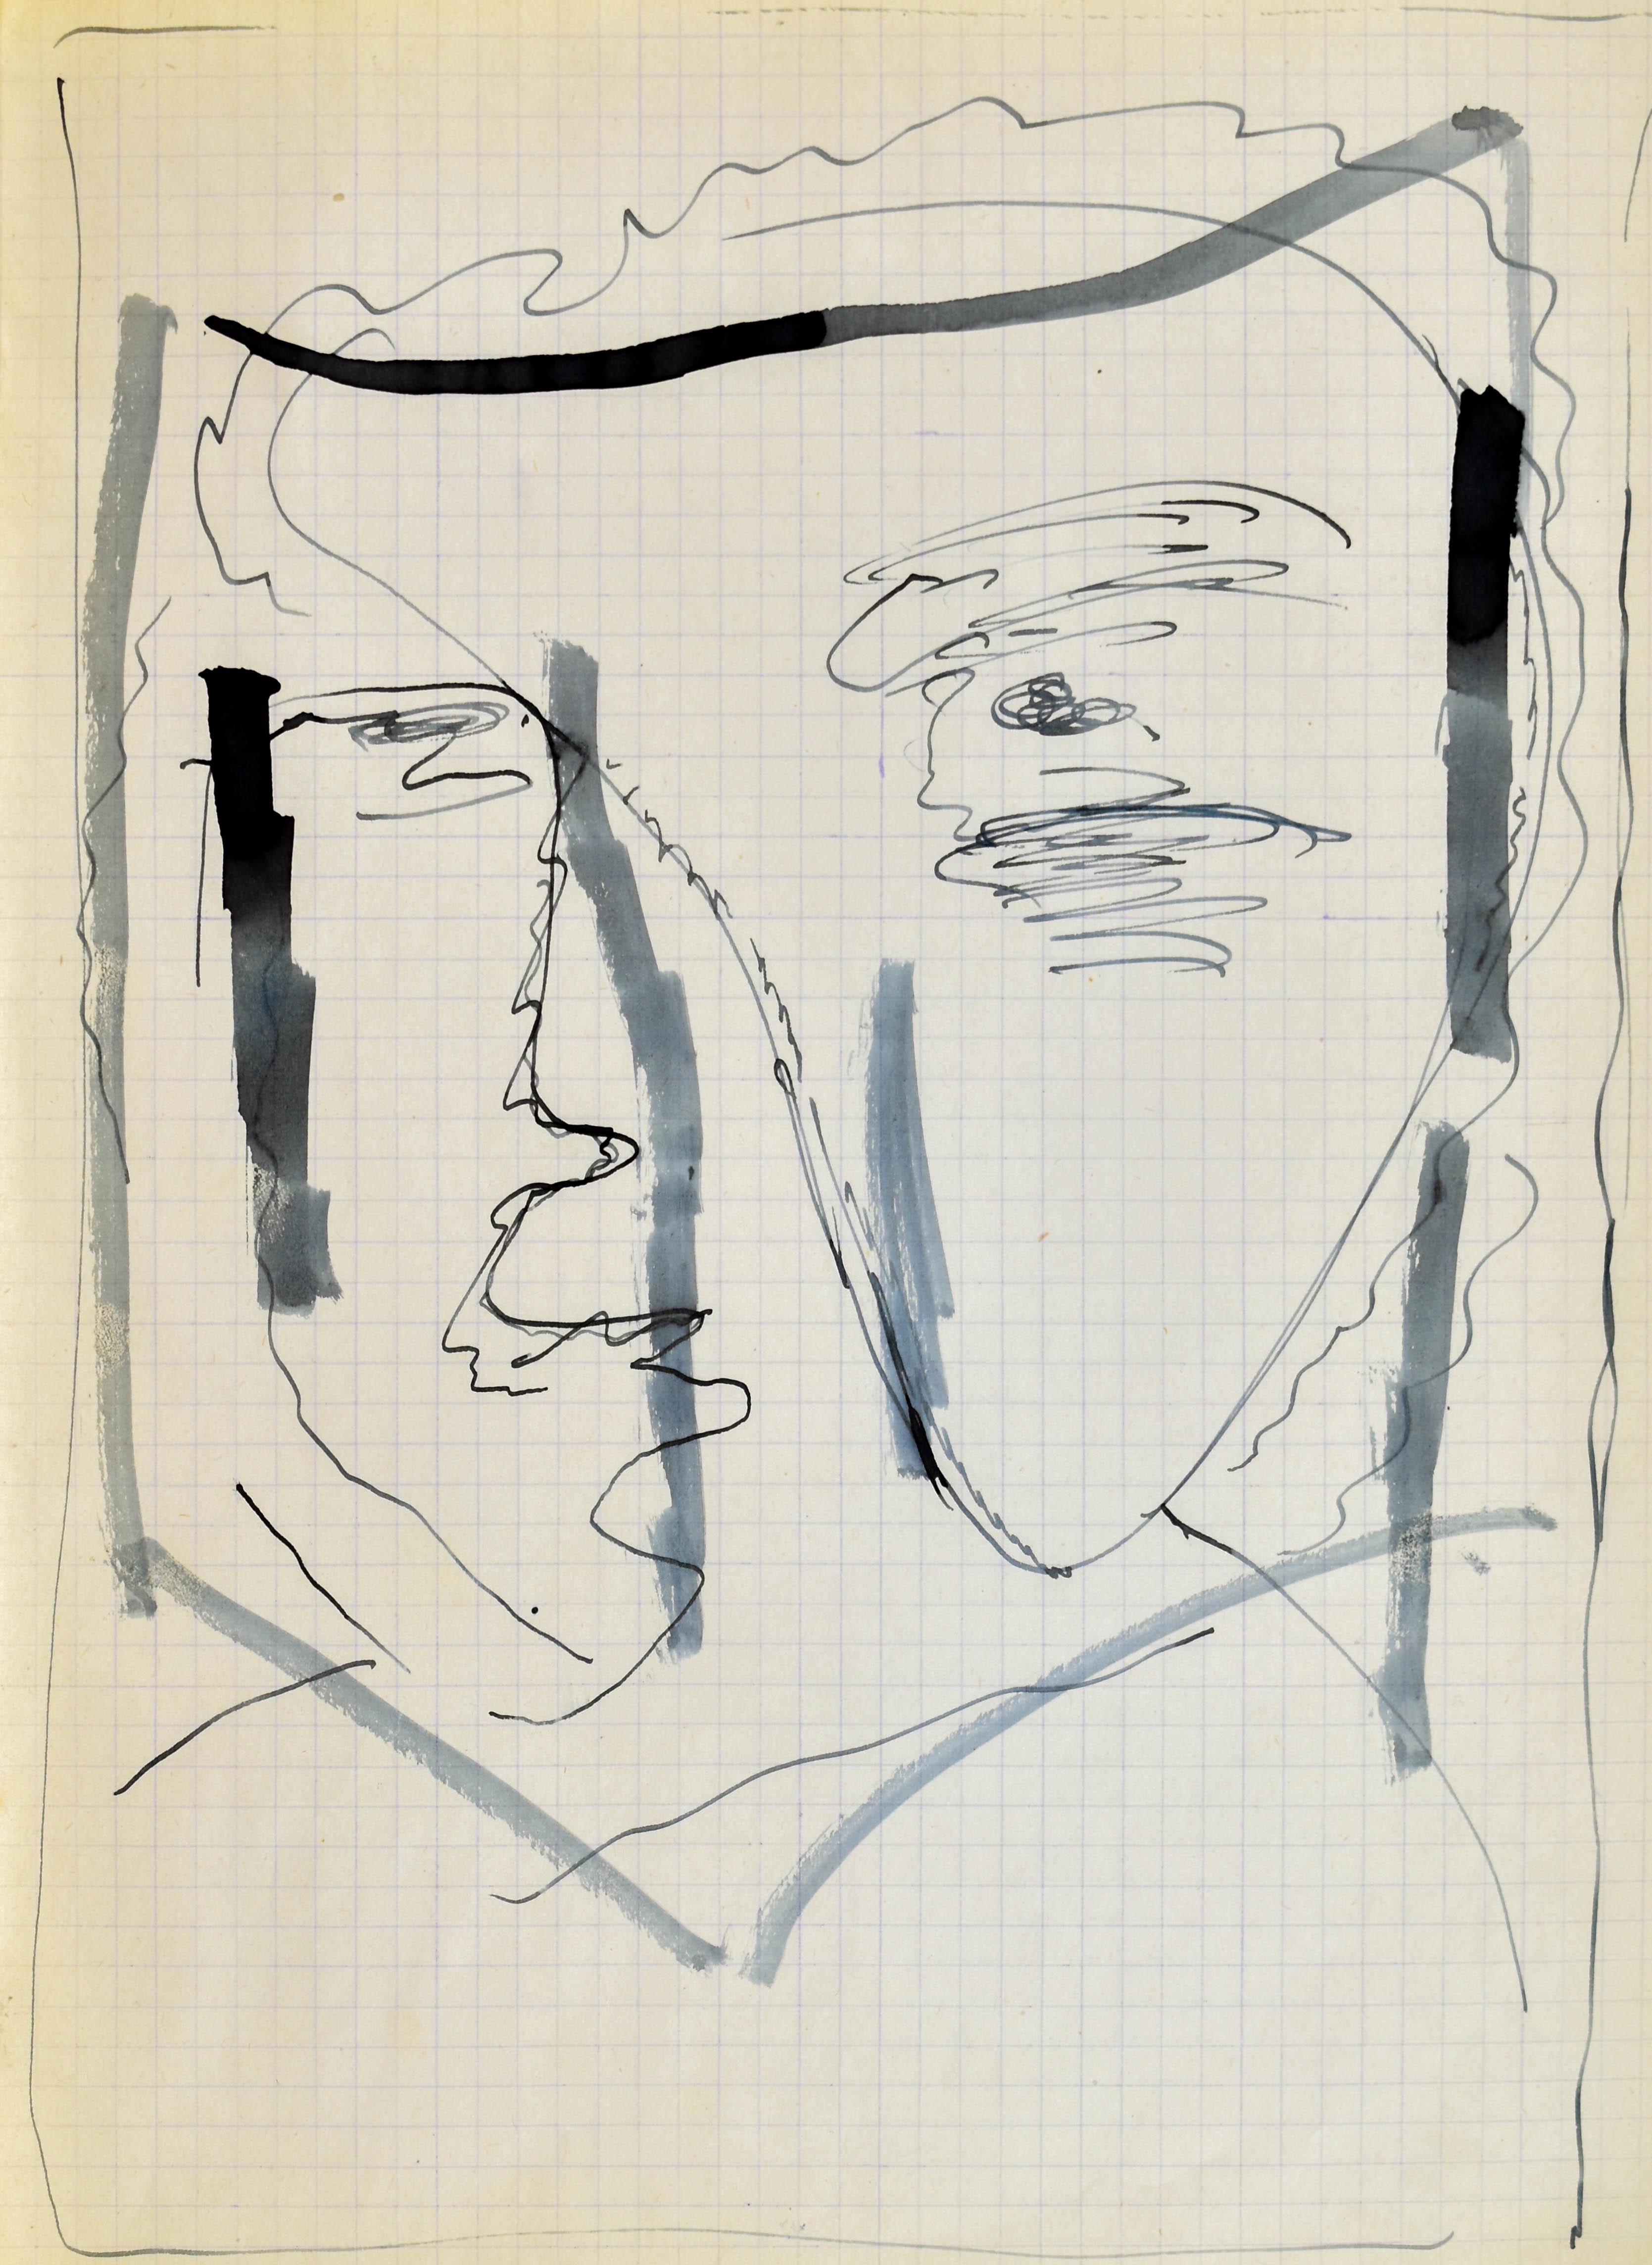 Głowa - autoportret II, 1963